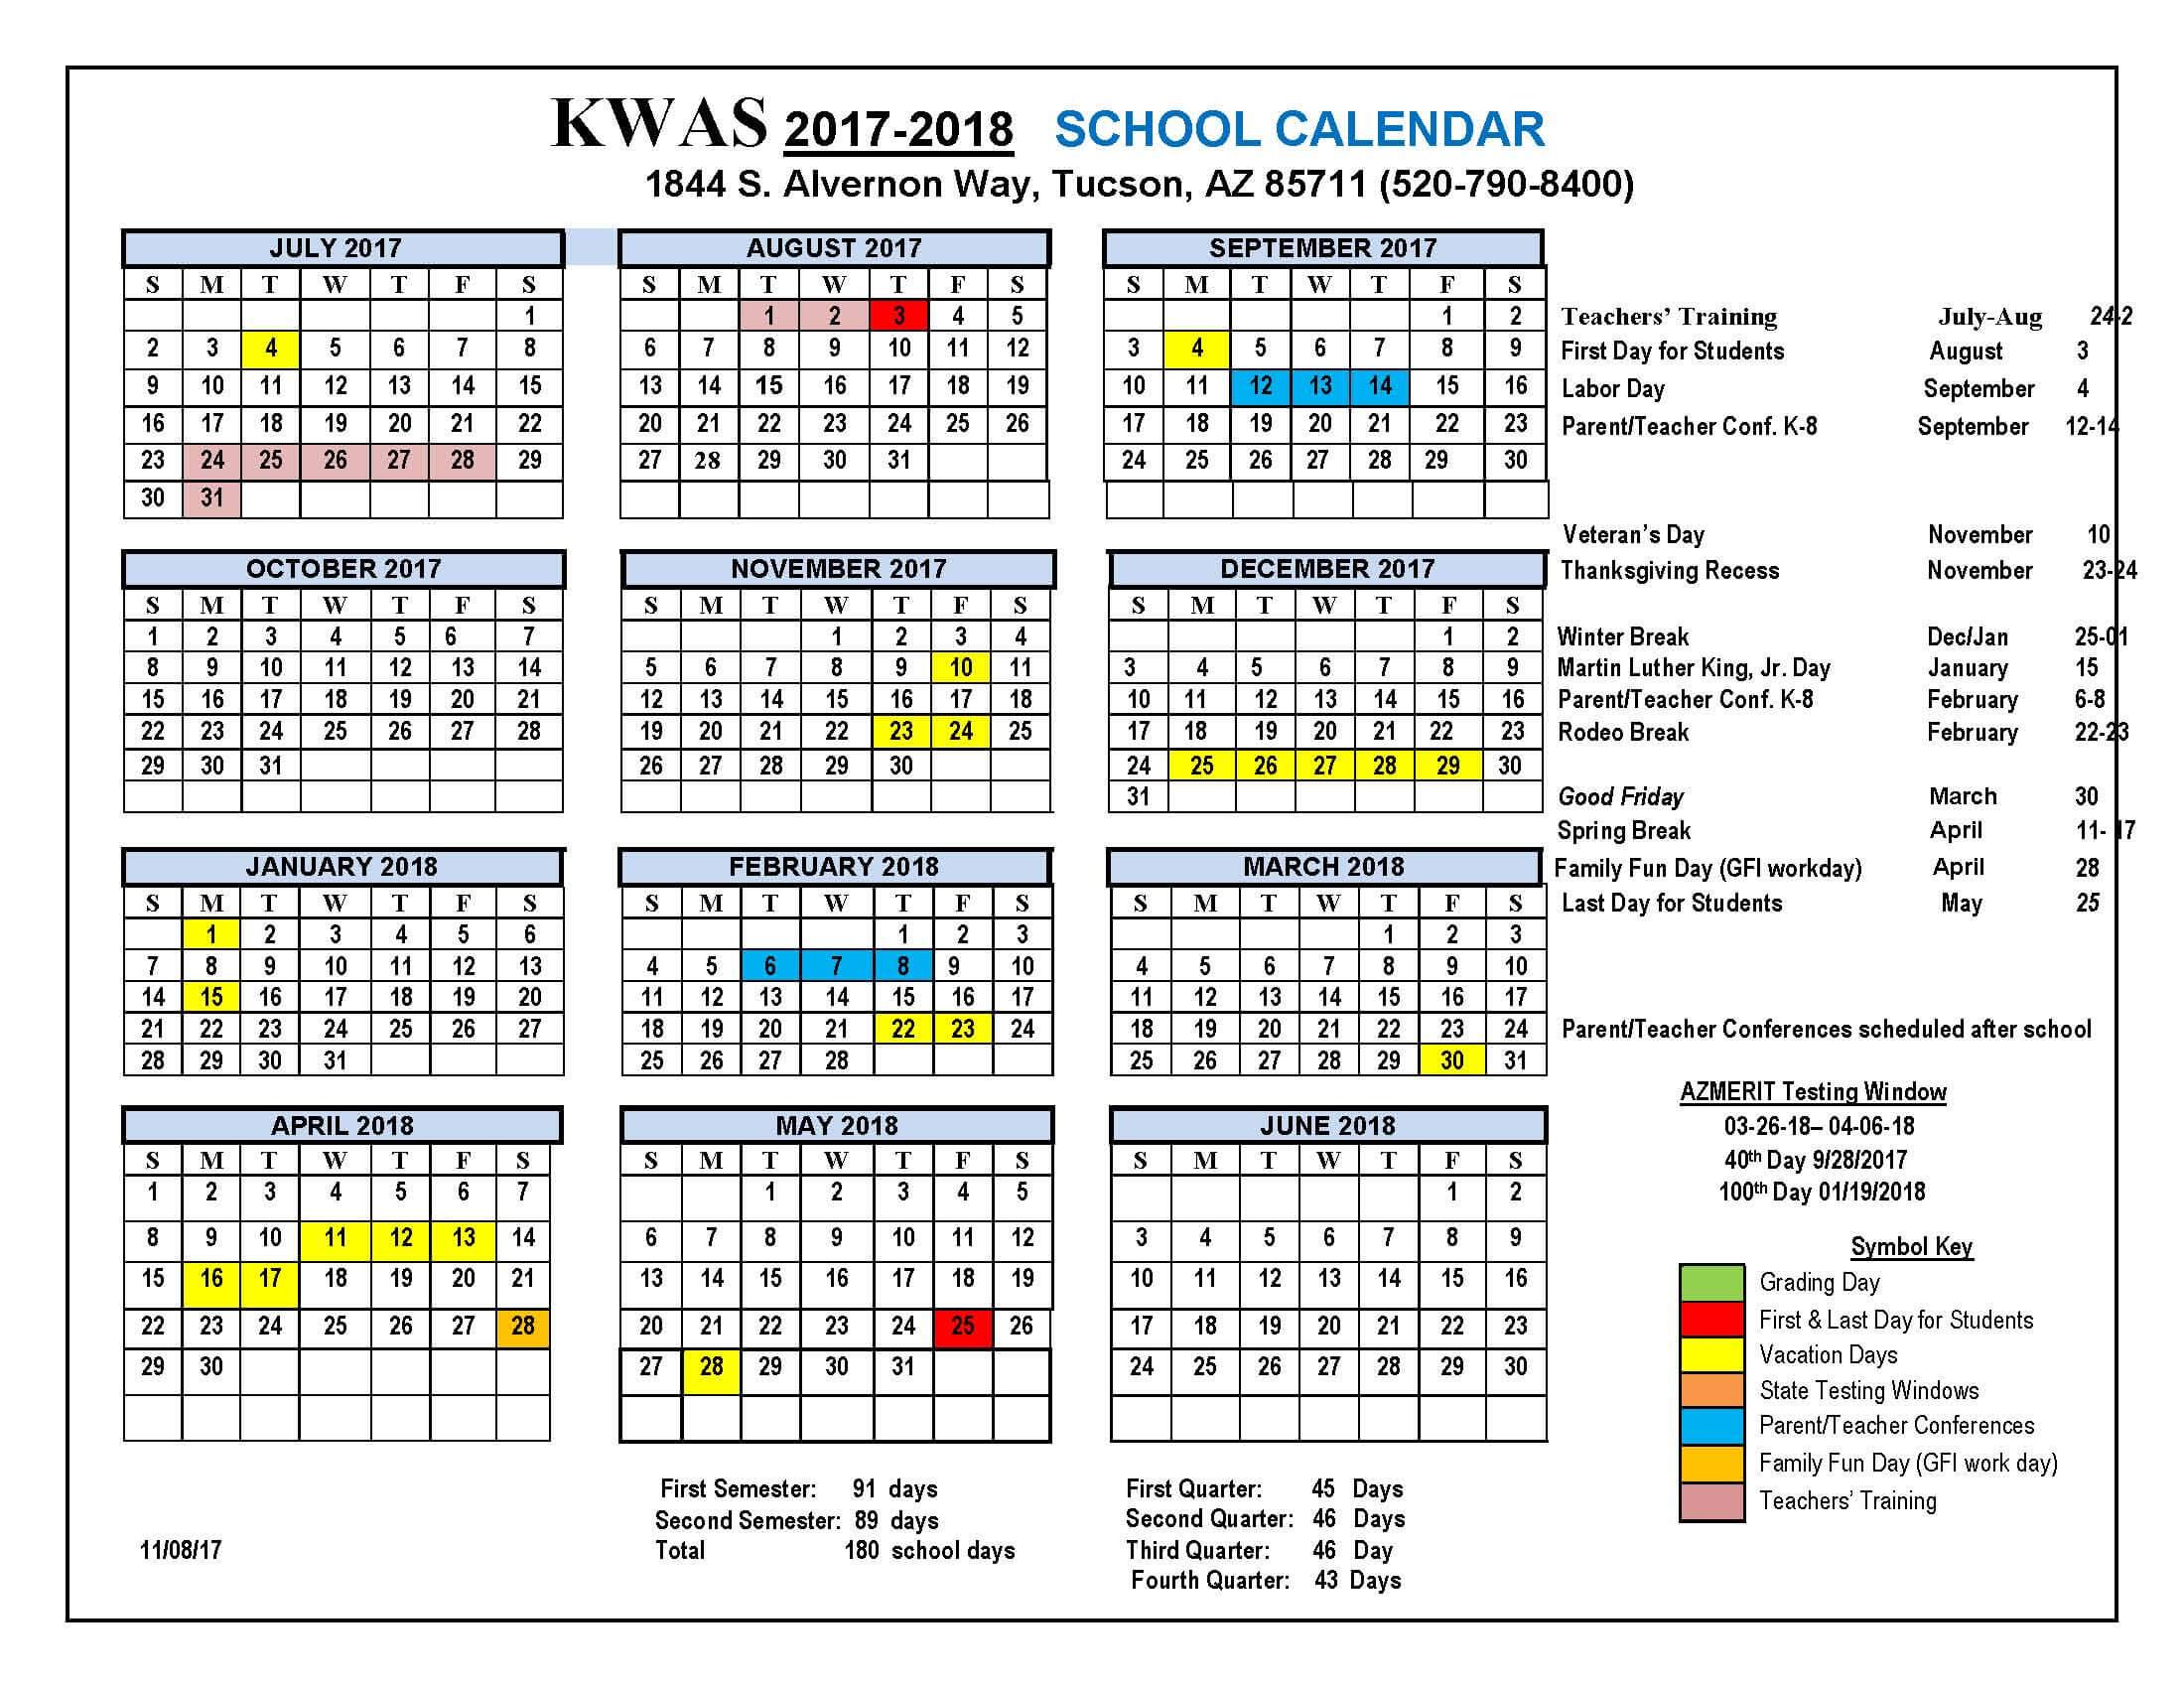 KWAS Printable Calendar 2017-2018